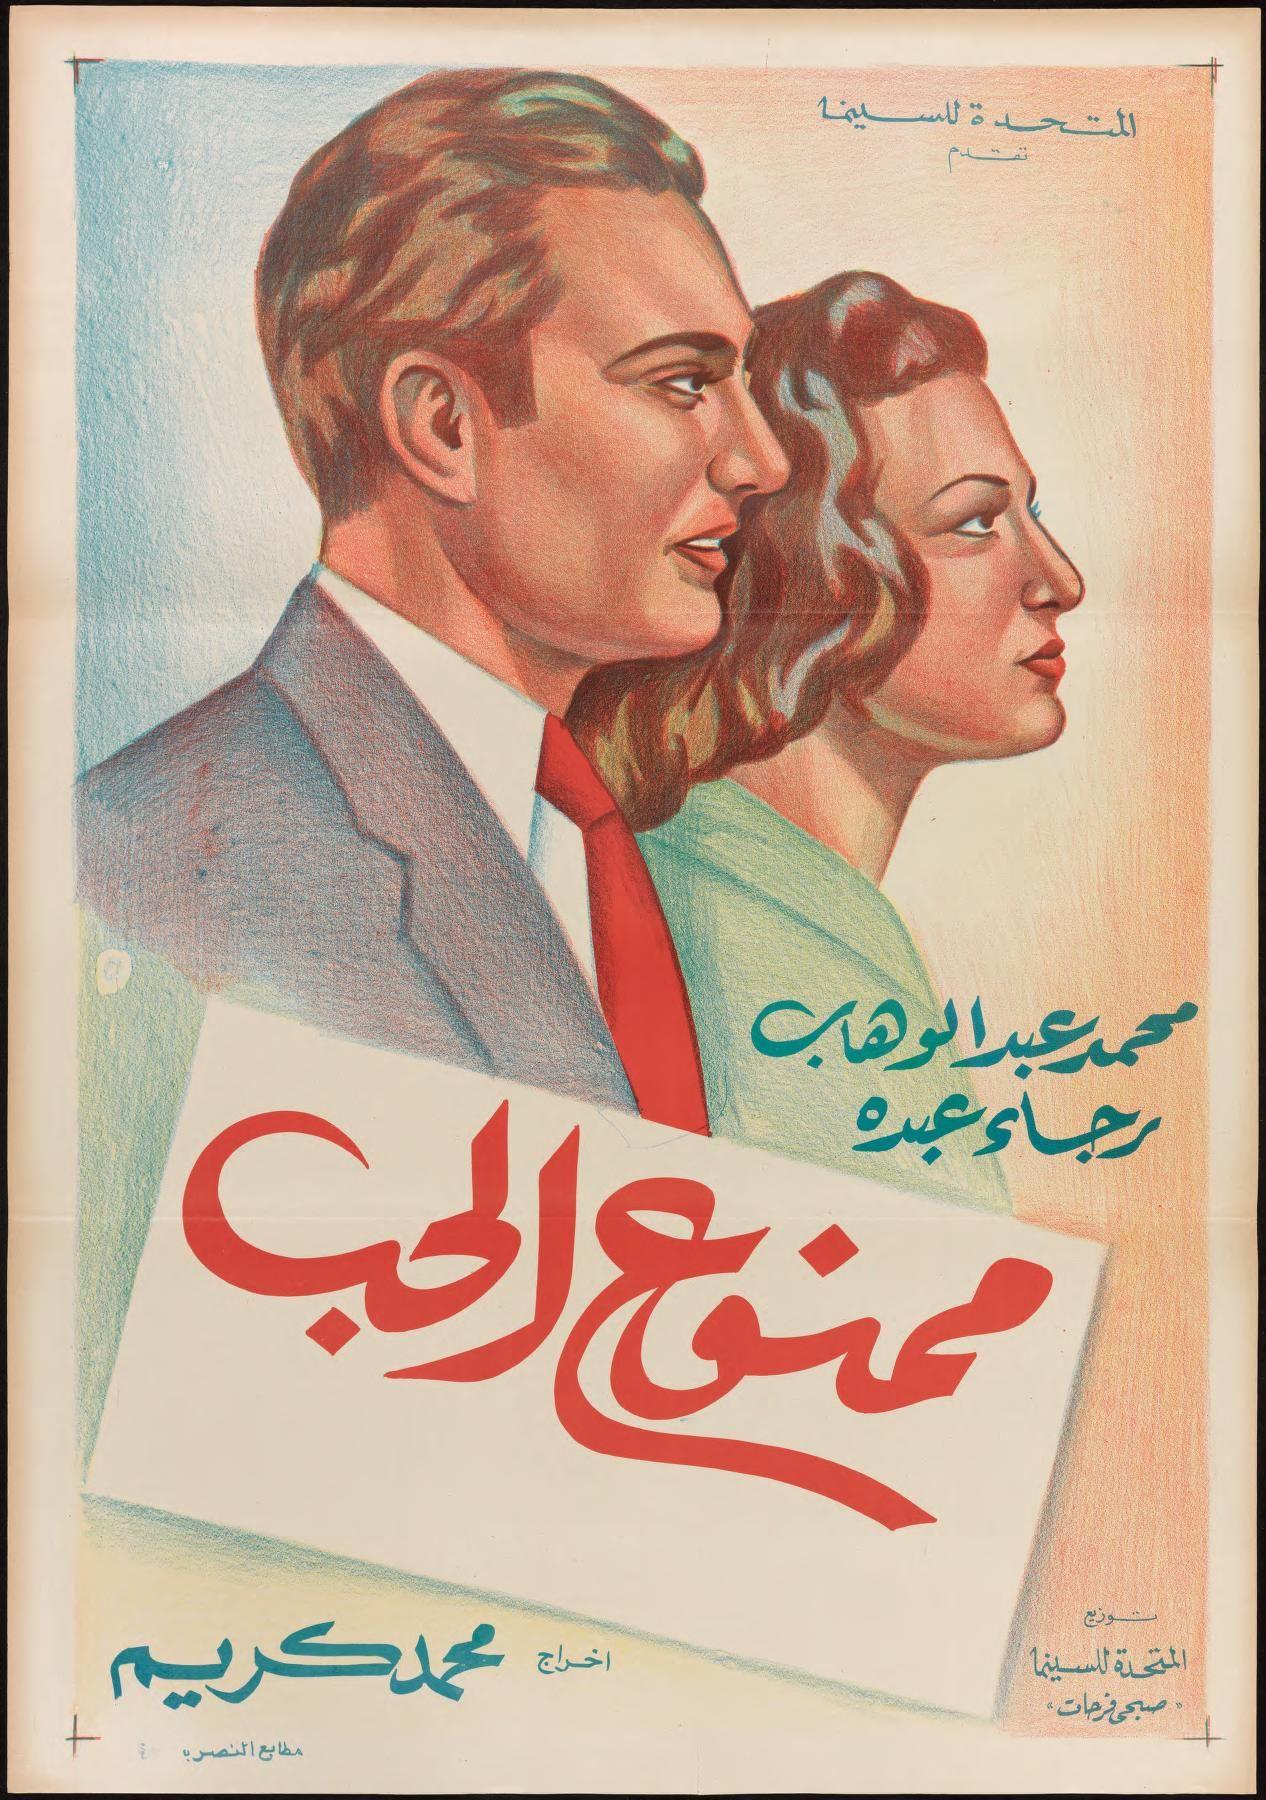 Mamnu' alHubb [Love Is Forbidden] (Egypt, 1942) in 2020